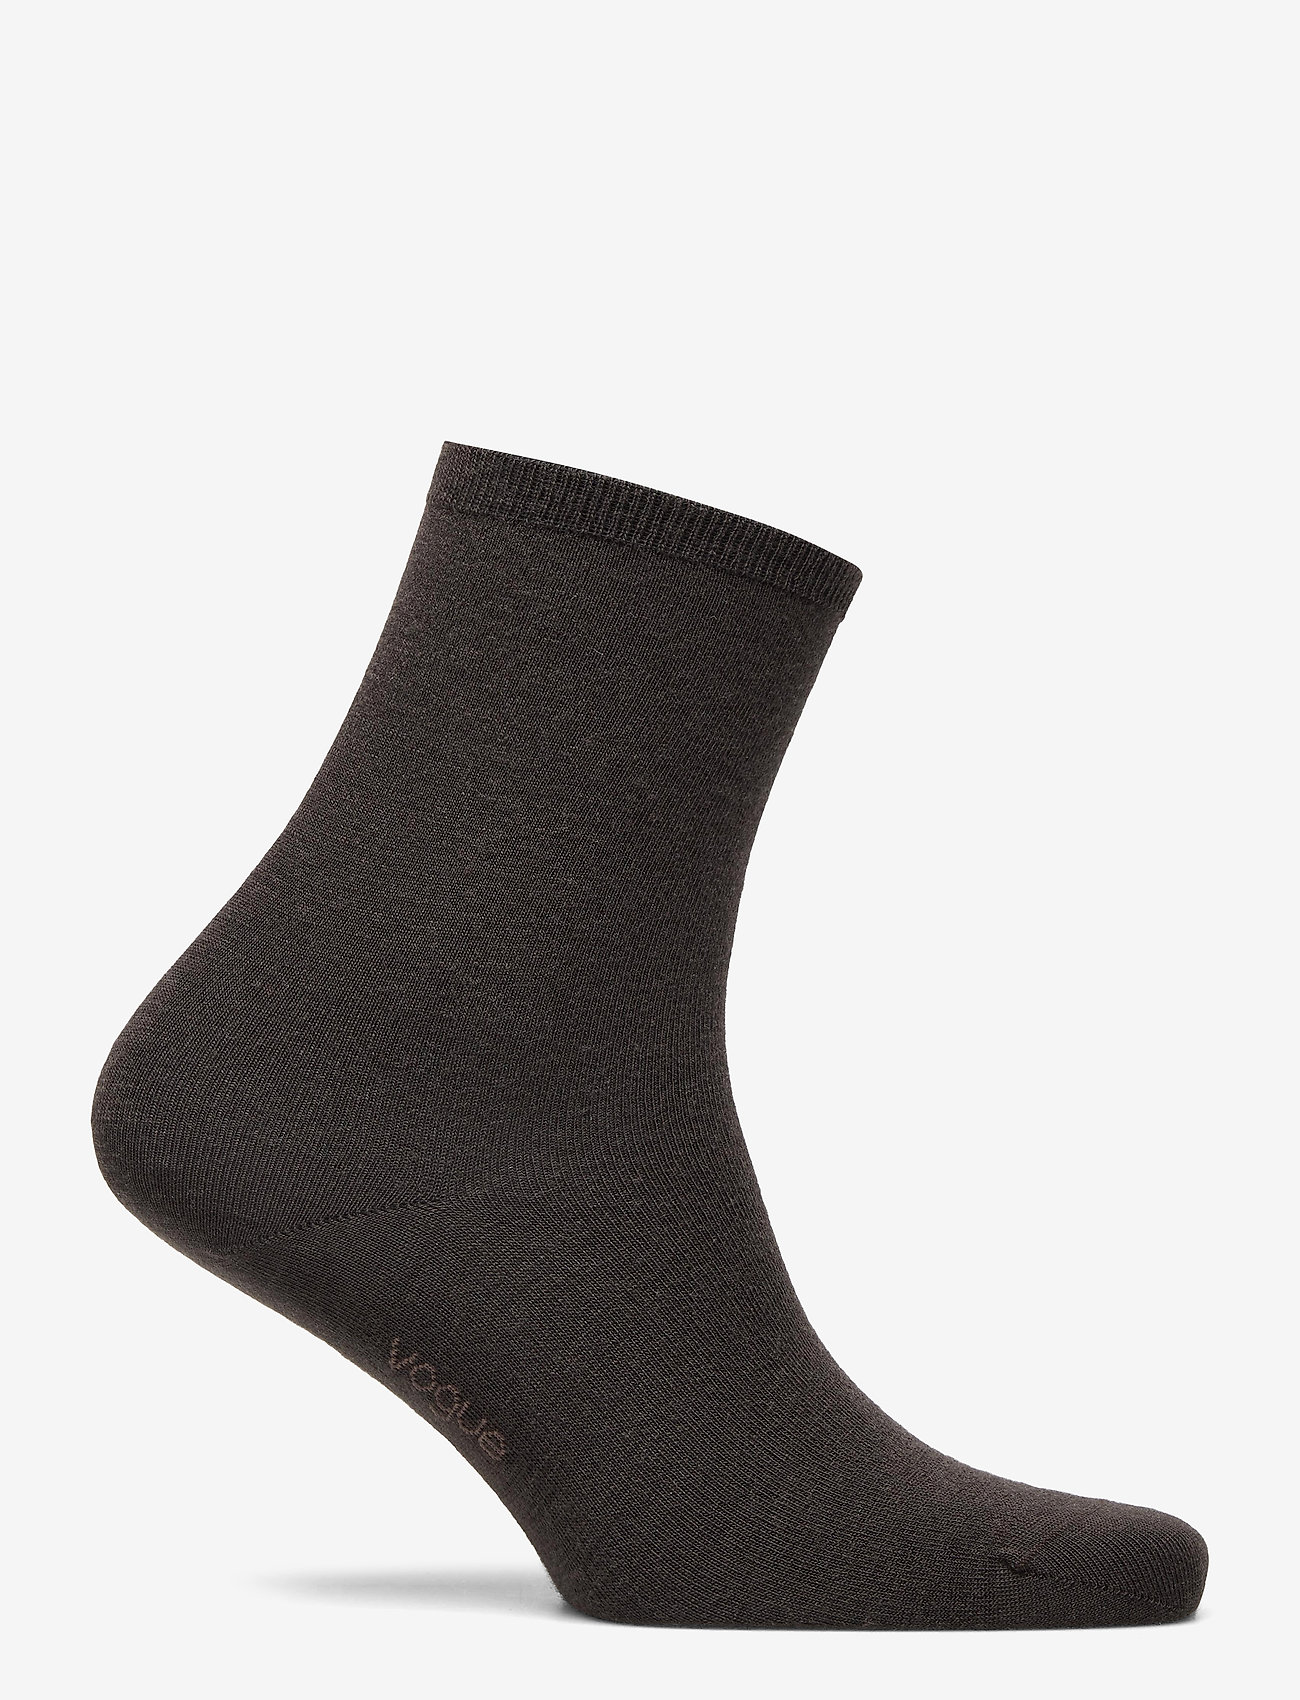 Vogue - Ladies anklesock, Merino Wool Sock - sokken - truffle - 1